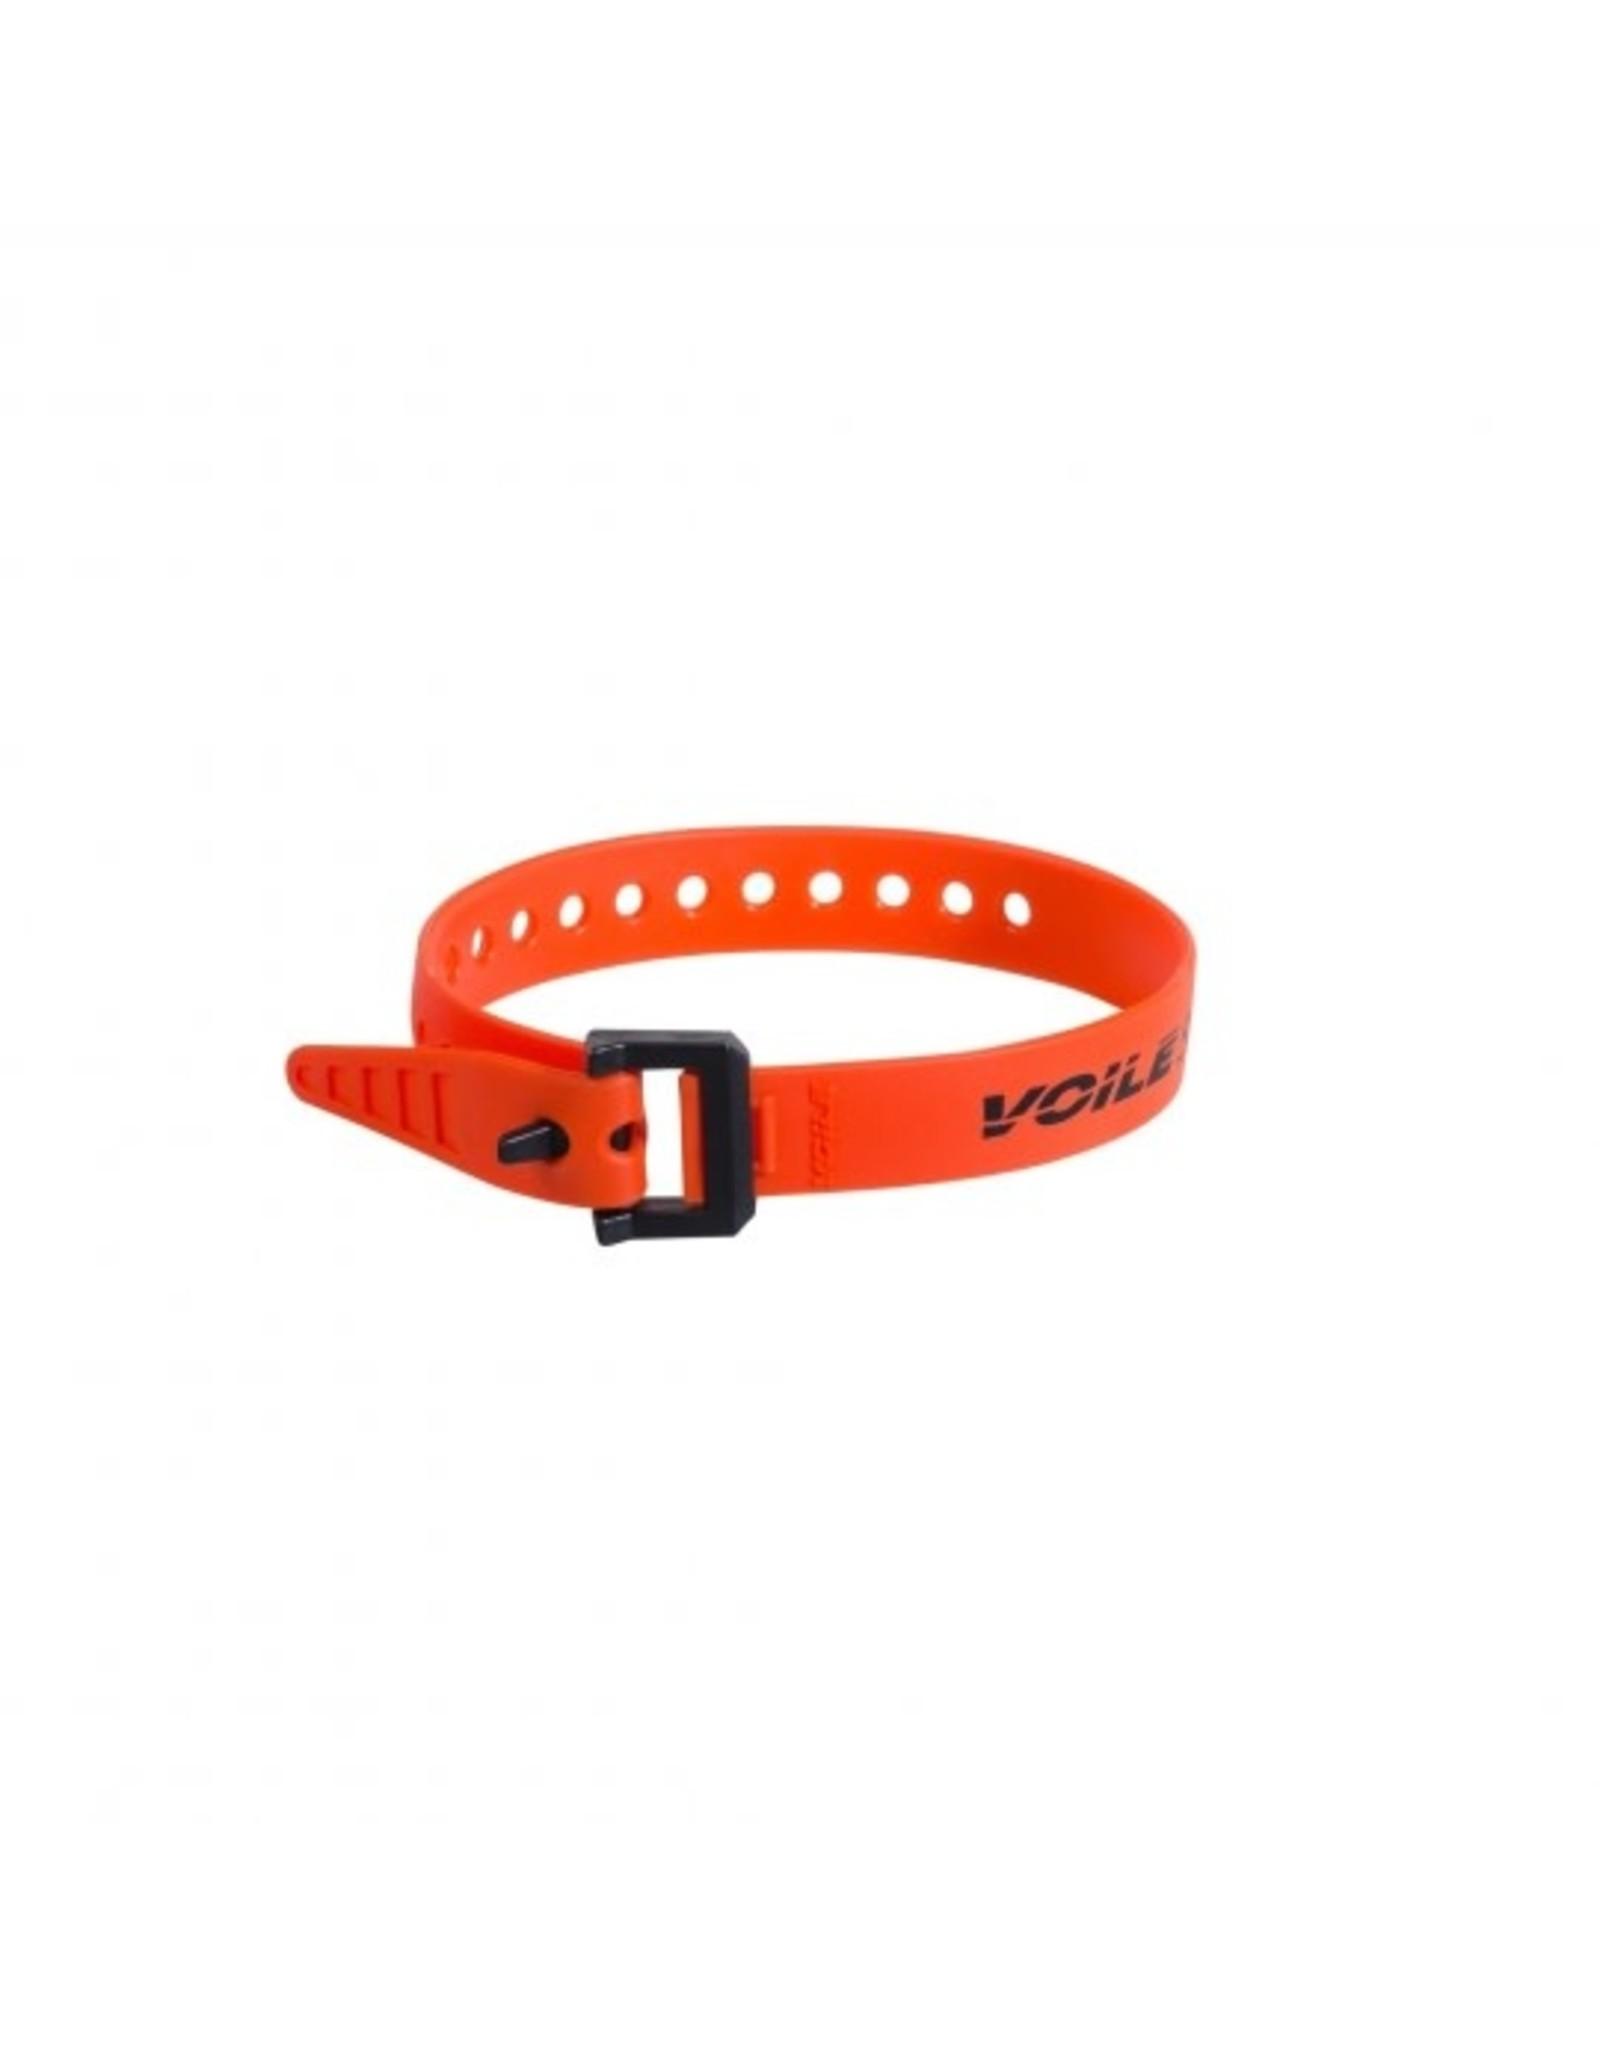 """Voile Voile - 15"""" Strap Orange Nylon Buckle"""